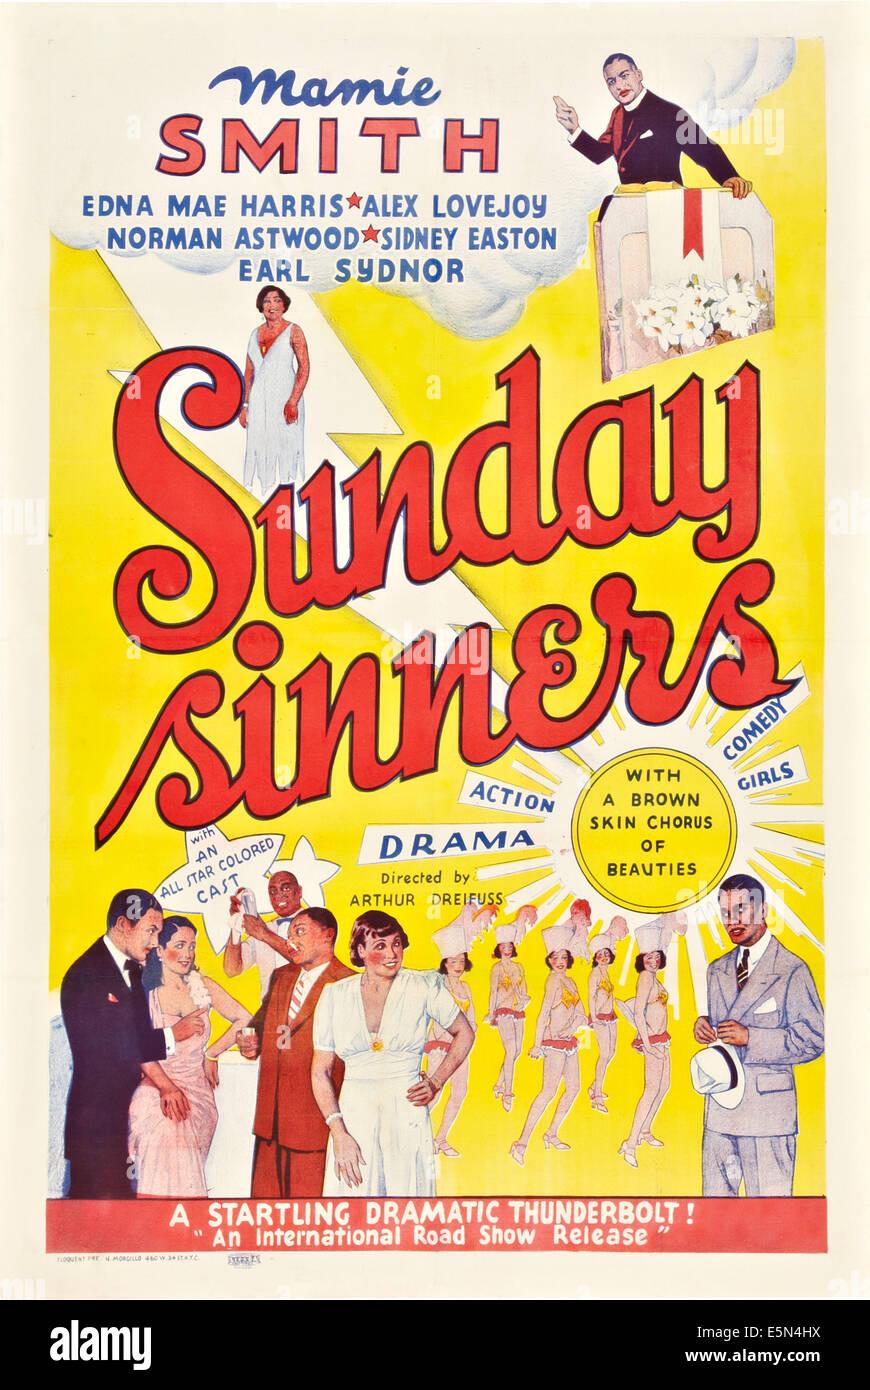 Les pécheurs du dimanche, l'affiche, 1940 Banque D'Images